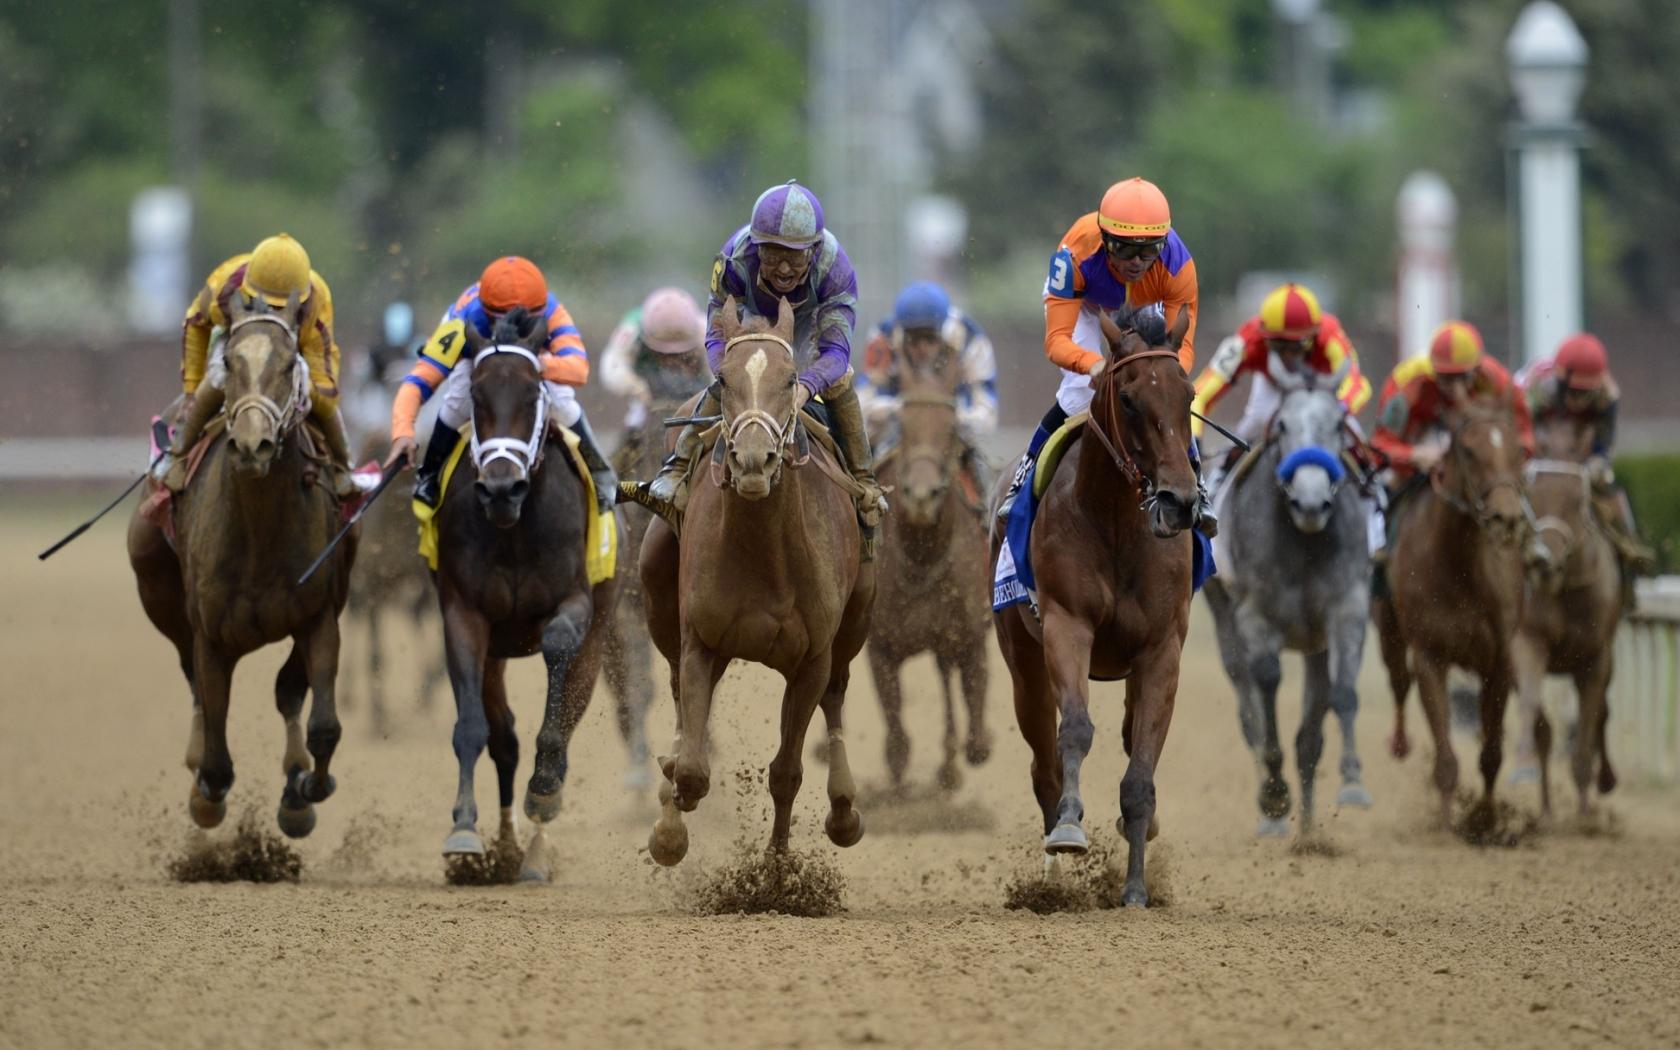 Carreras de caballos - 1680x1050